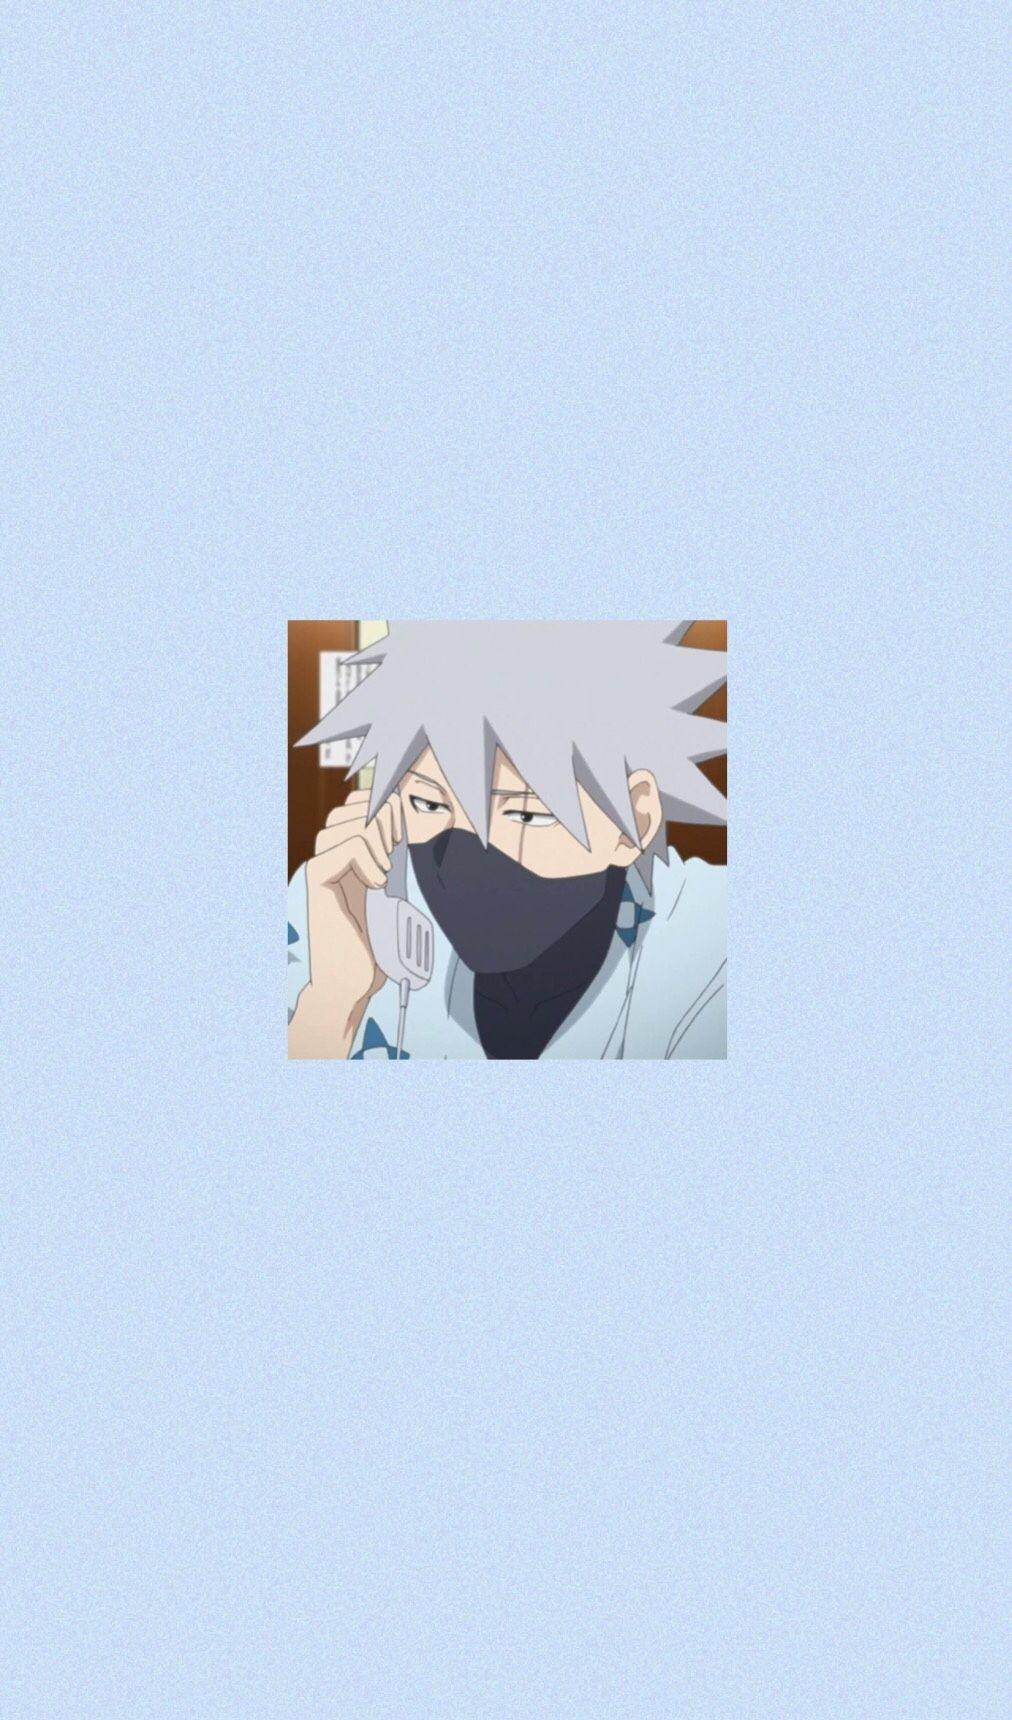 Baby Blue Wallpaper Naruto Shippuden Anime Akatsuki Anime Wallpaper